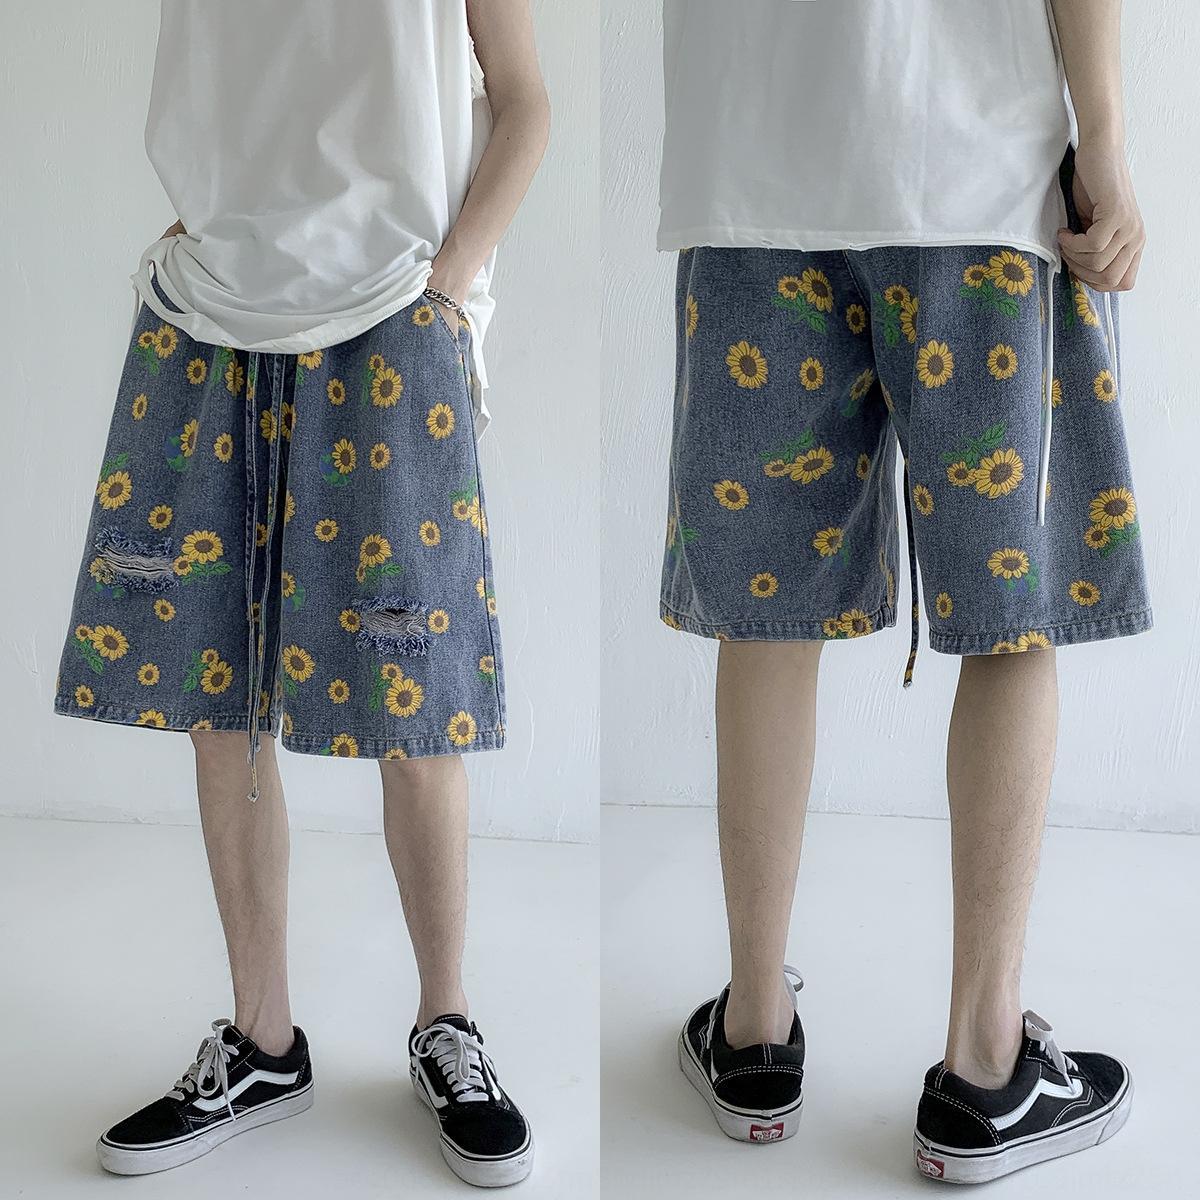 dx6RF Ins женщин подсолнечника рваные корейский для мужчин летом напечатанной пару и джинсовой стиле рыхлых шнуровкой и шорты шорты